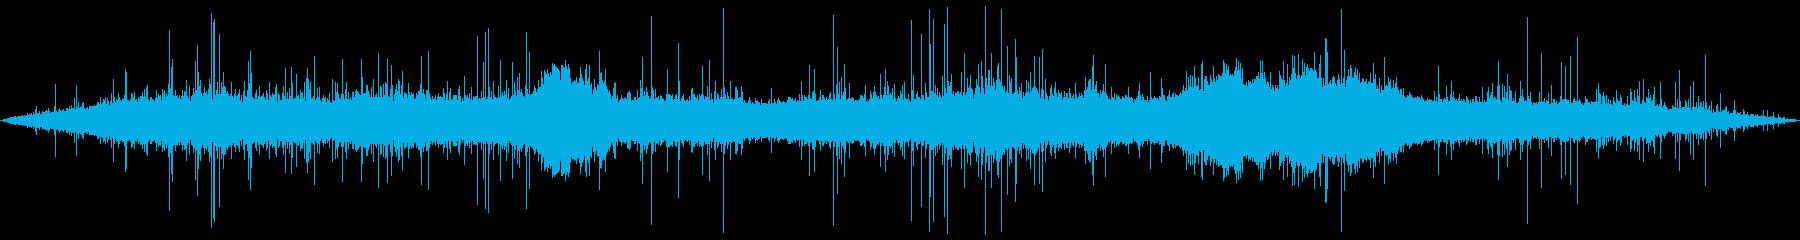 ゲリラ豪雨(バイノーラル録音)の再生済みの波形